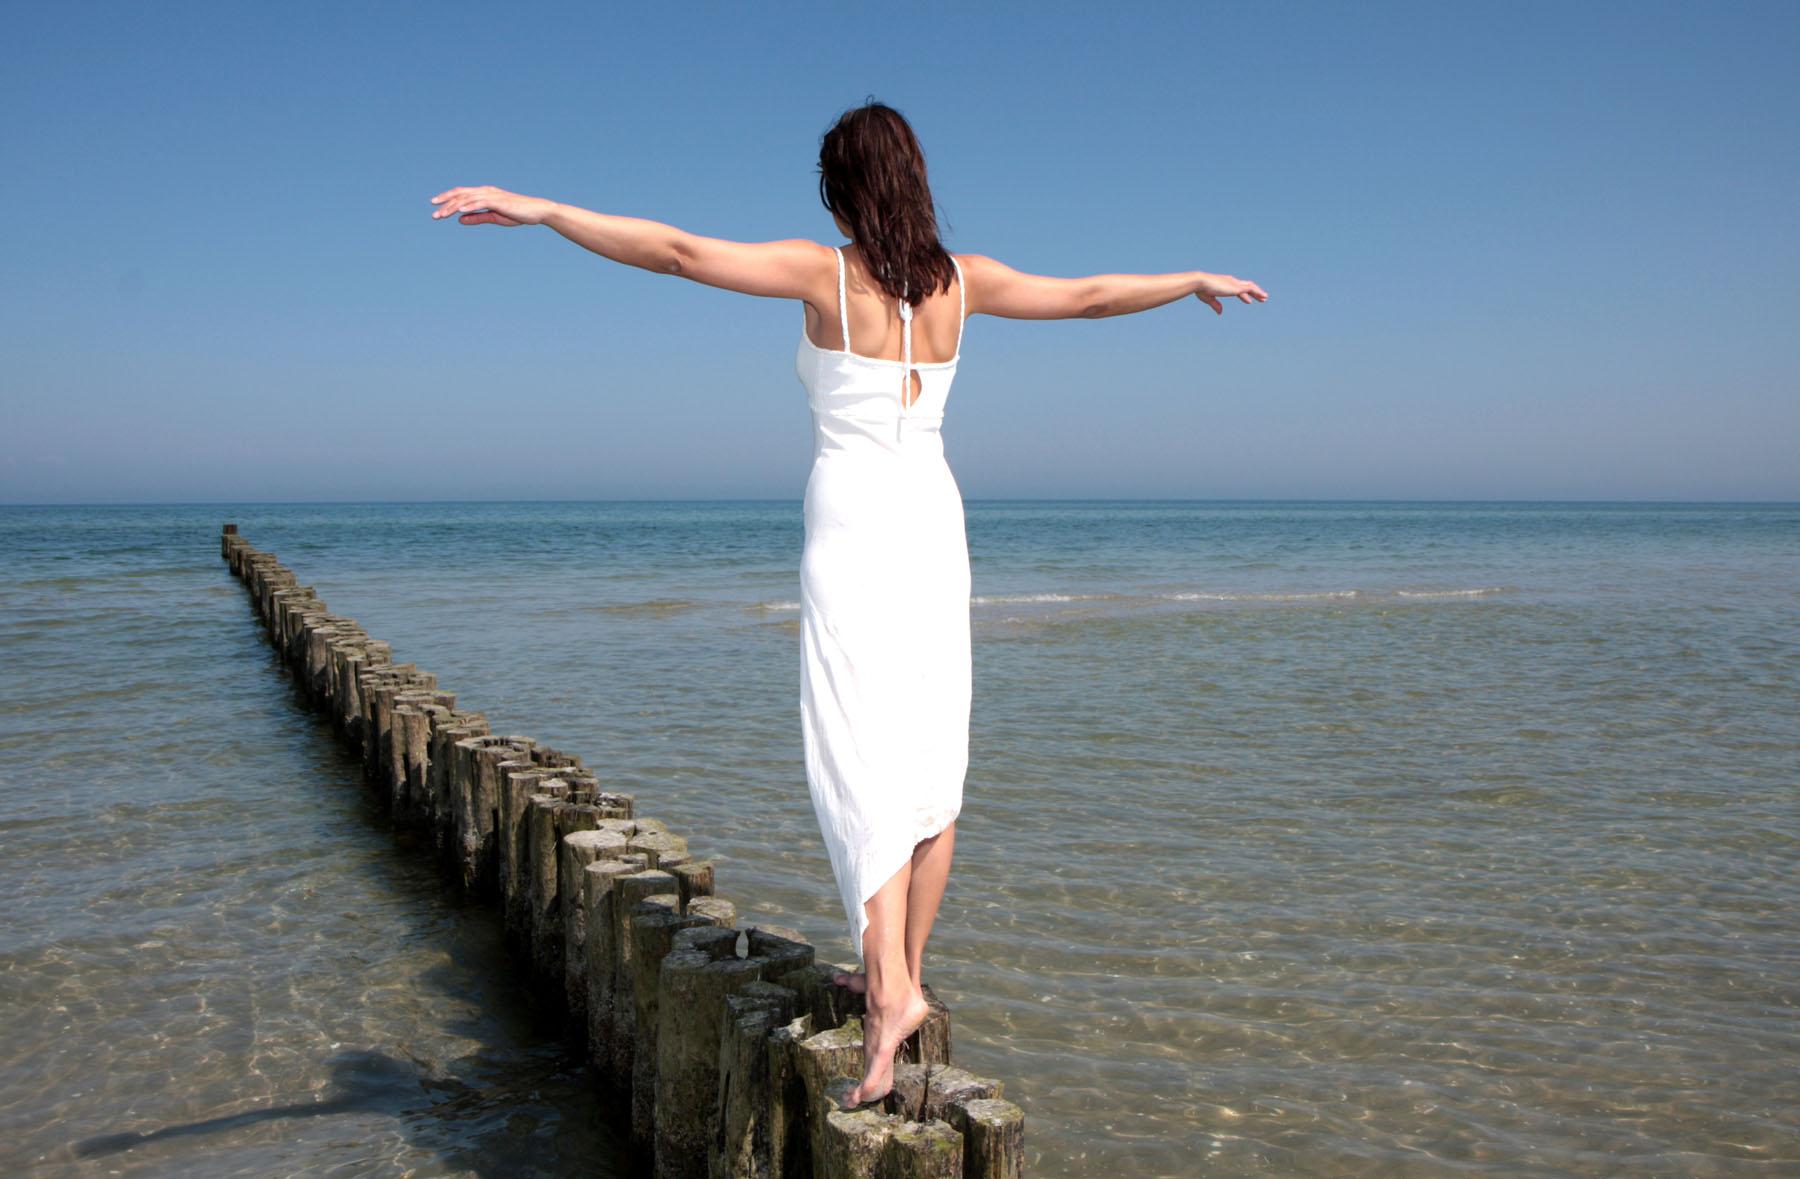 Frau in weißem Kleid balanciert auf Holzbuhnen über Sandstrand ins Meer hinein